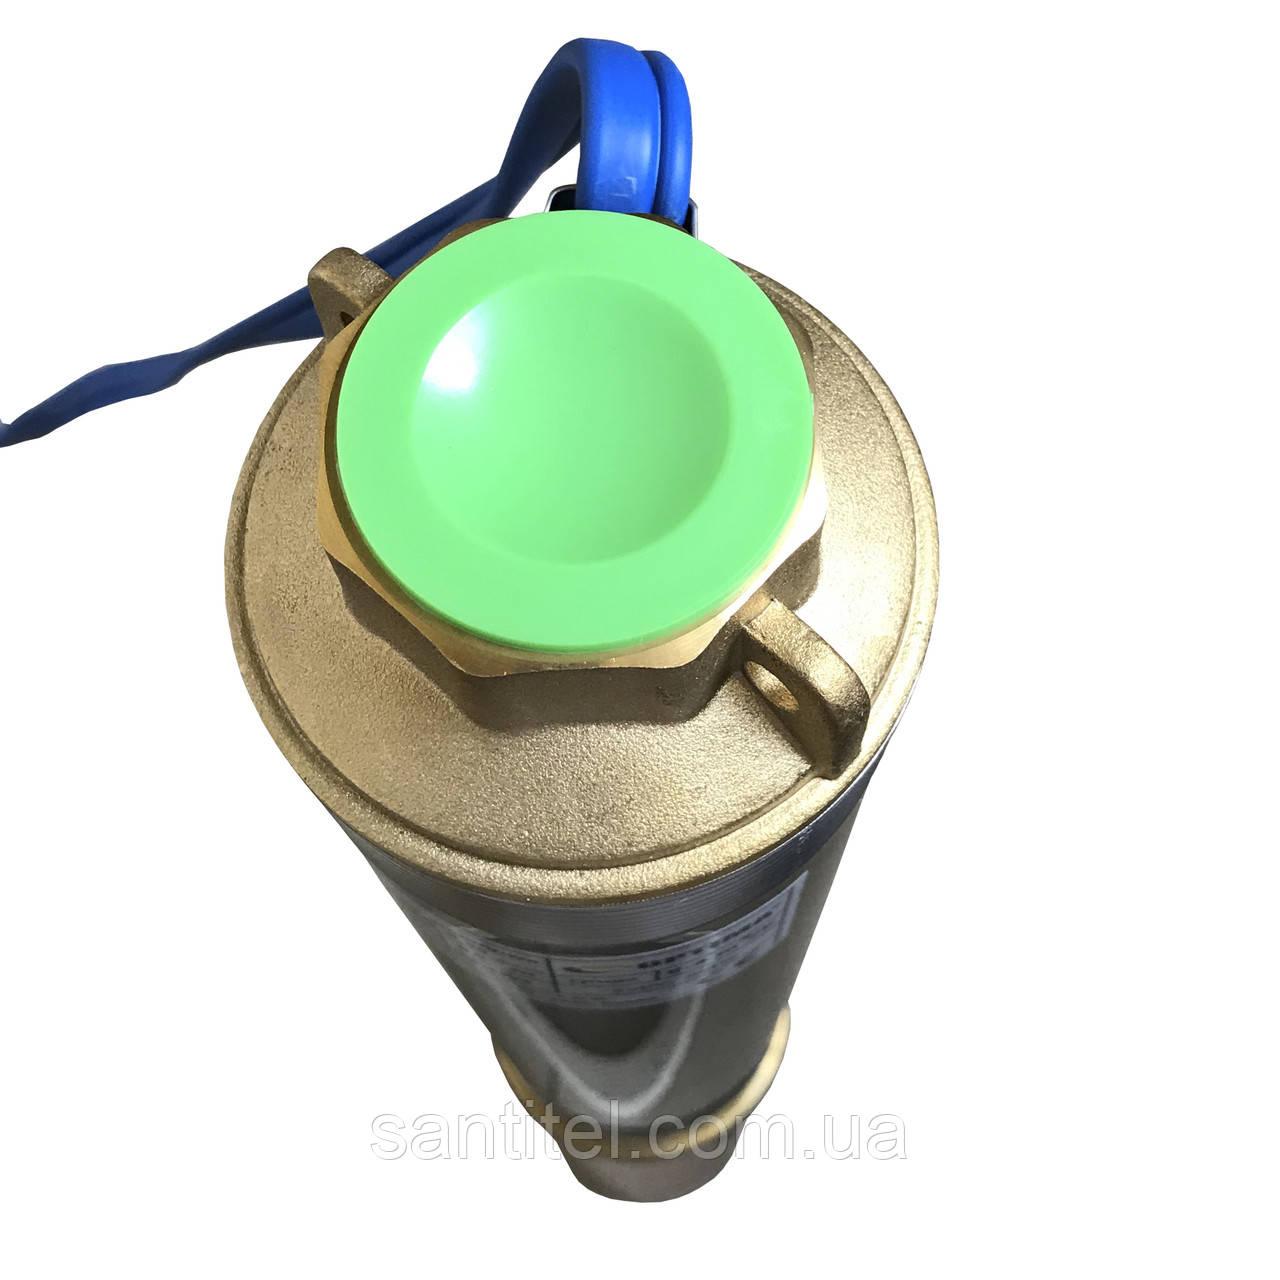 Насос скважинный с повышенной уст-тью к песку  OPTIMA  4SDm6/20 2.2 кВт 126м + пульт